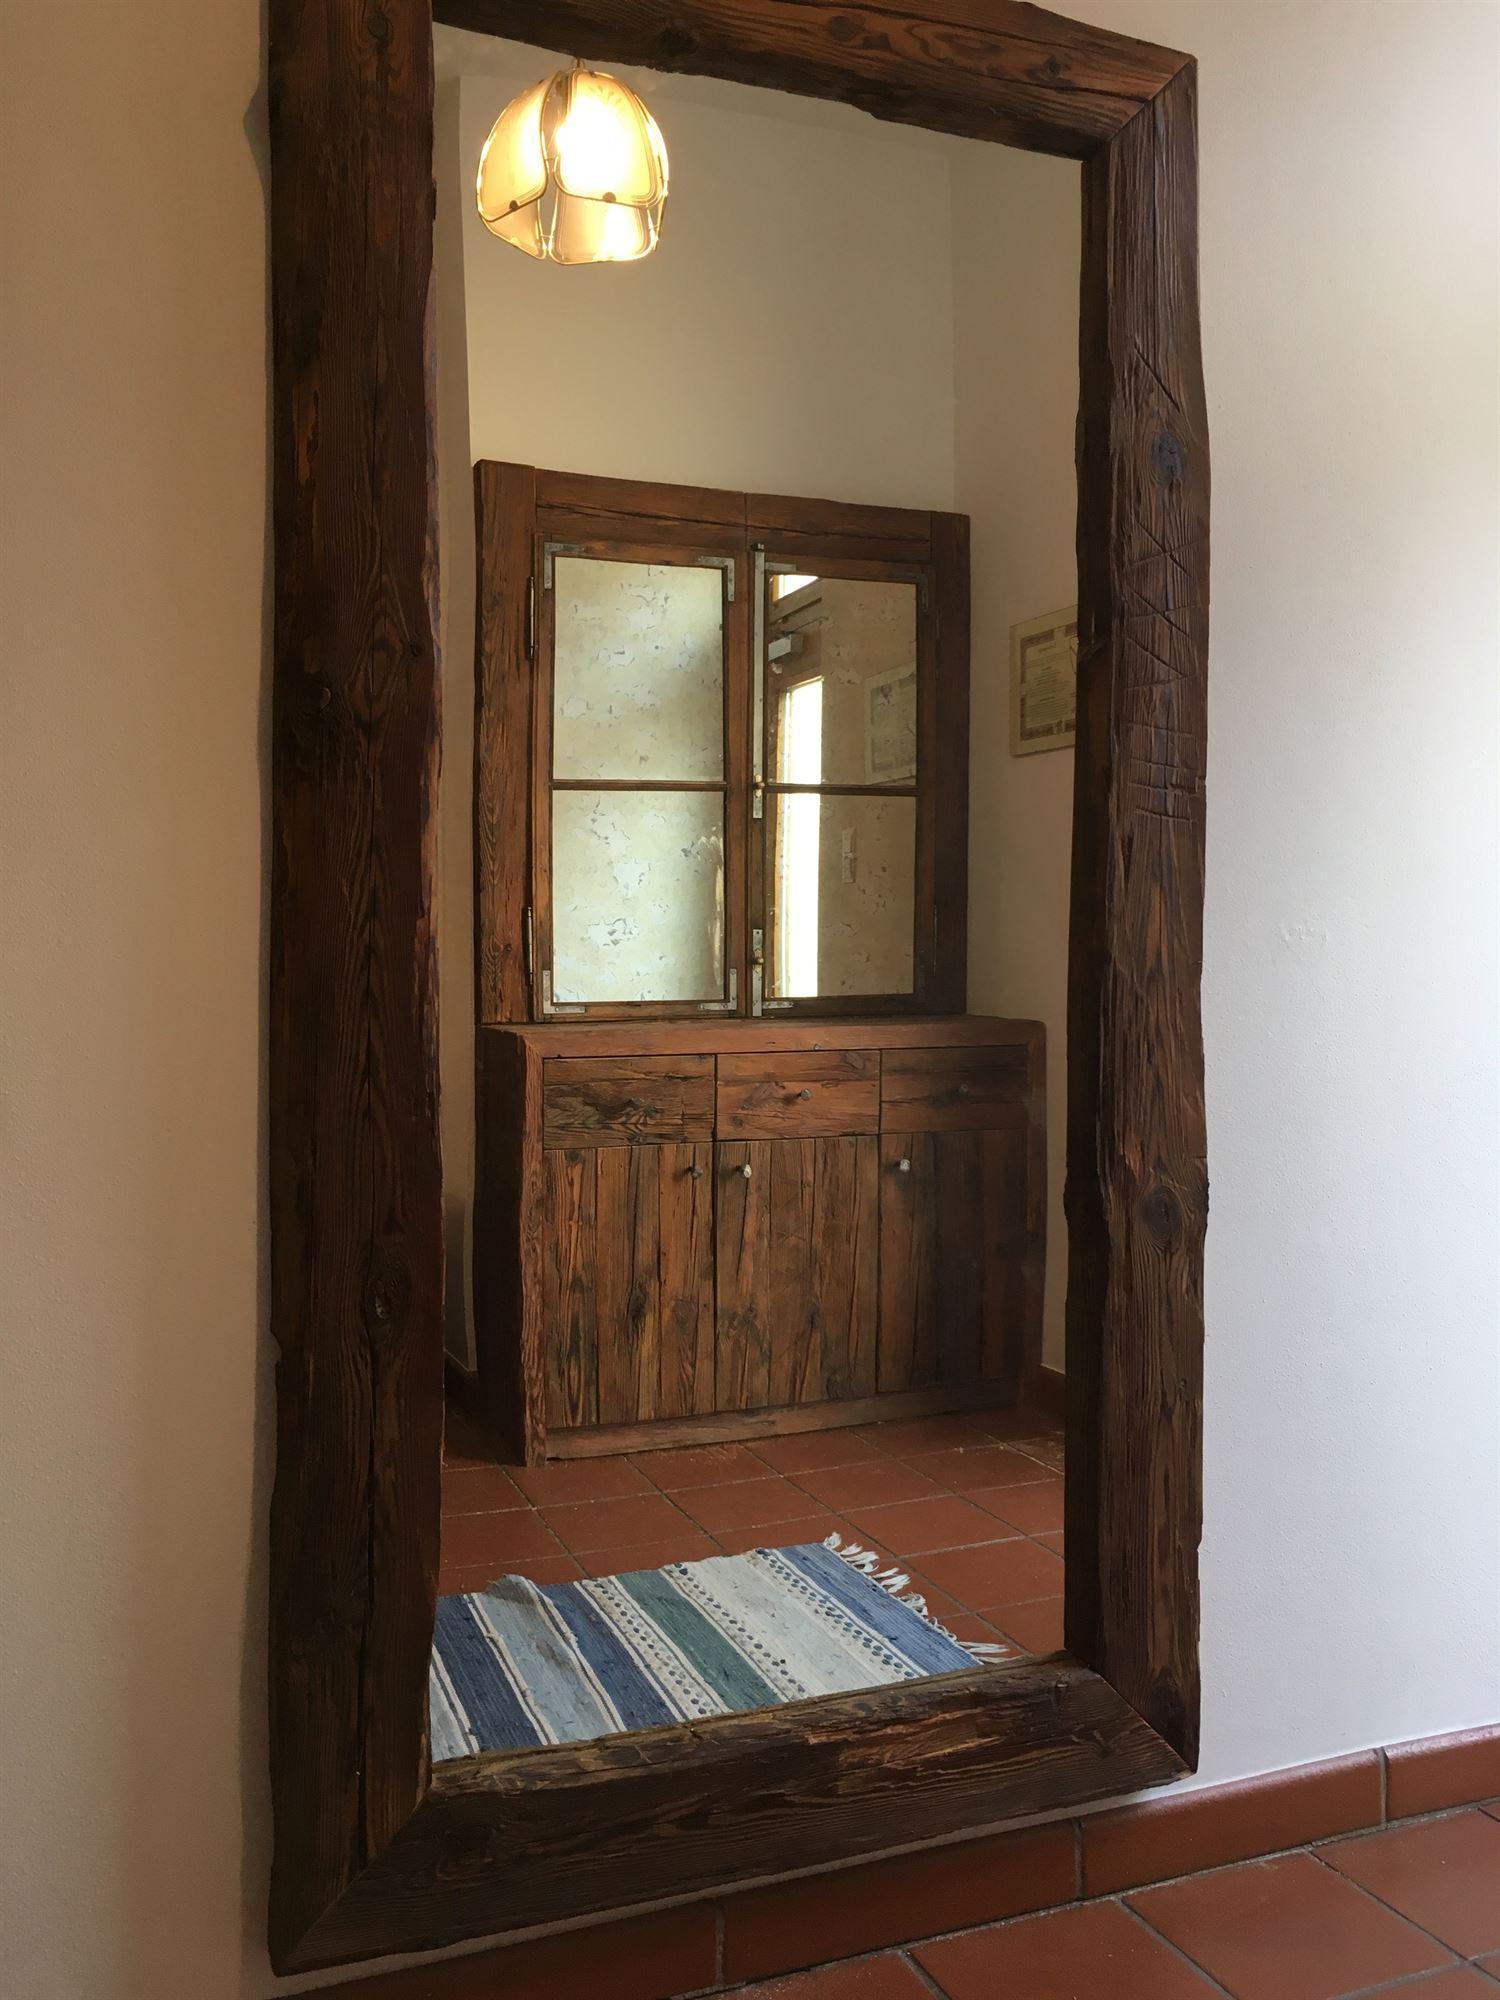 zusatzeinrichtung-im-saunabereich-016